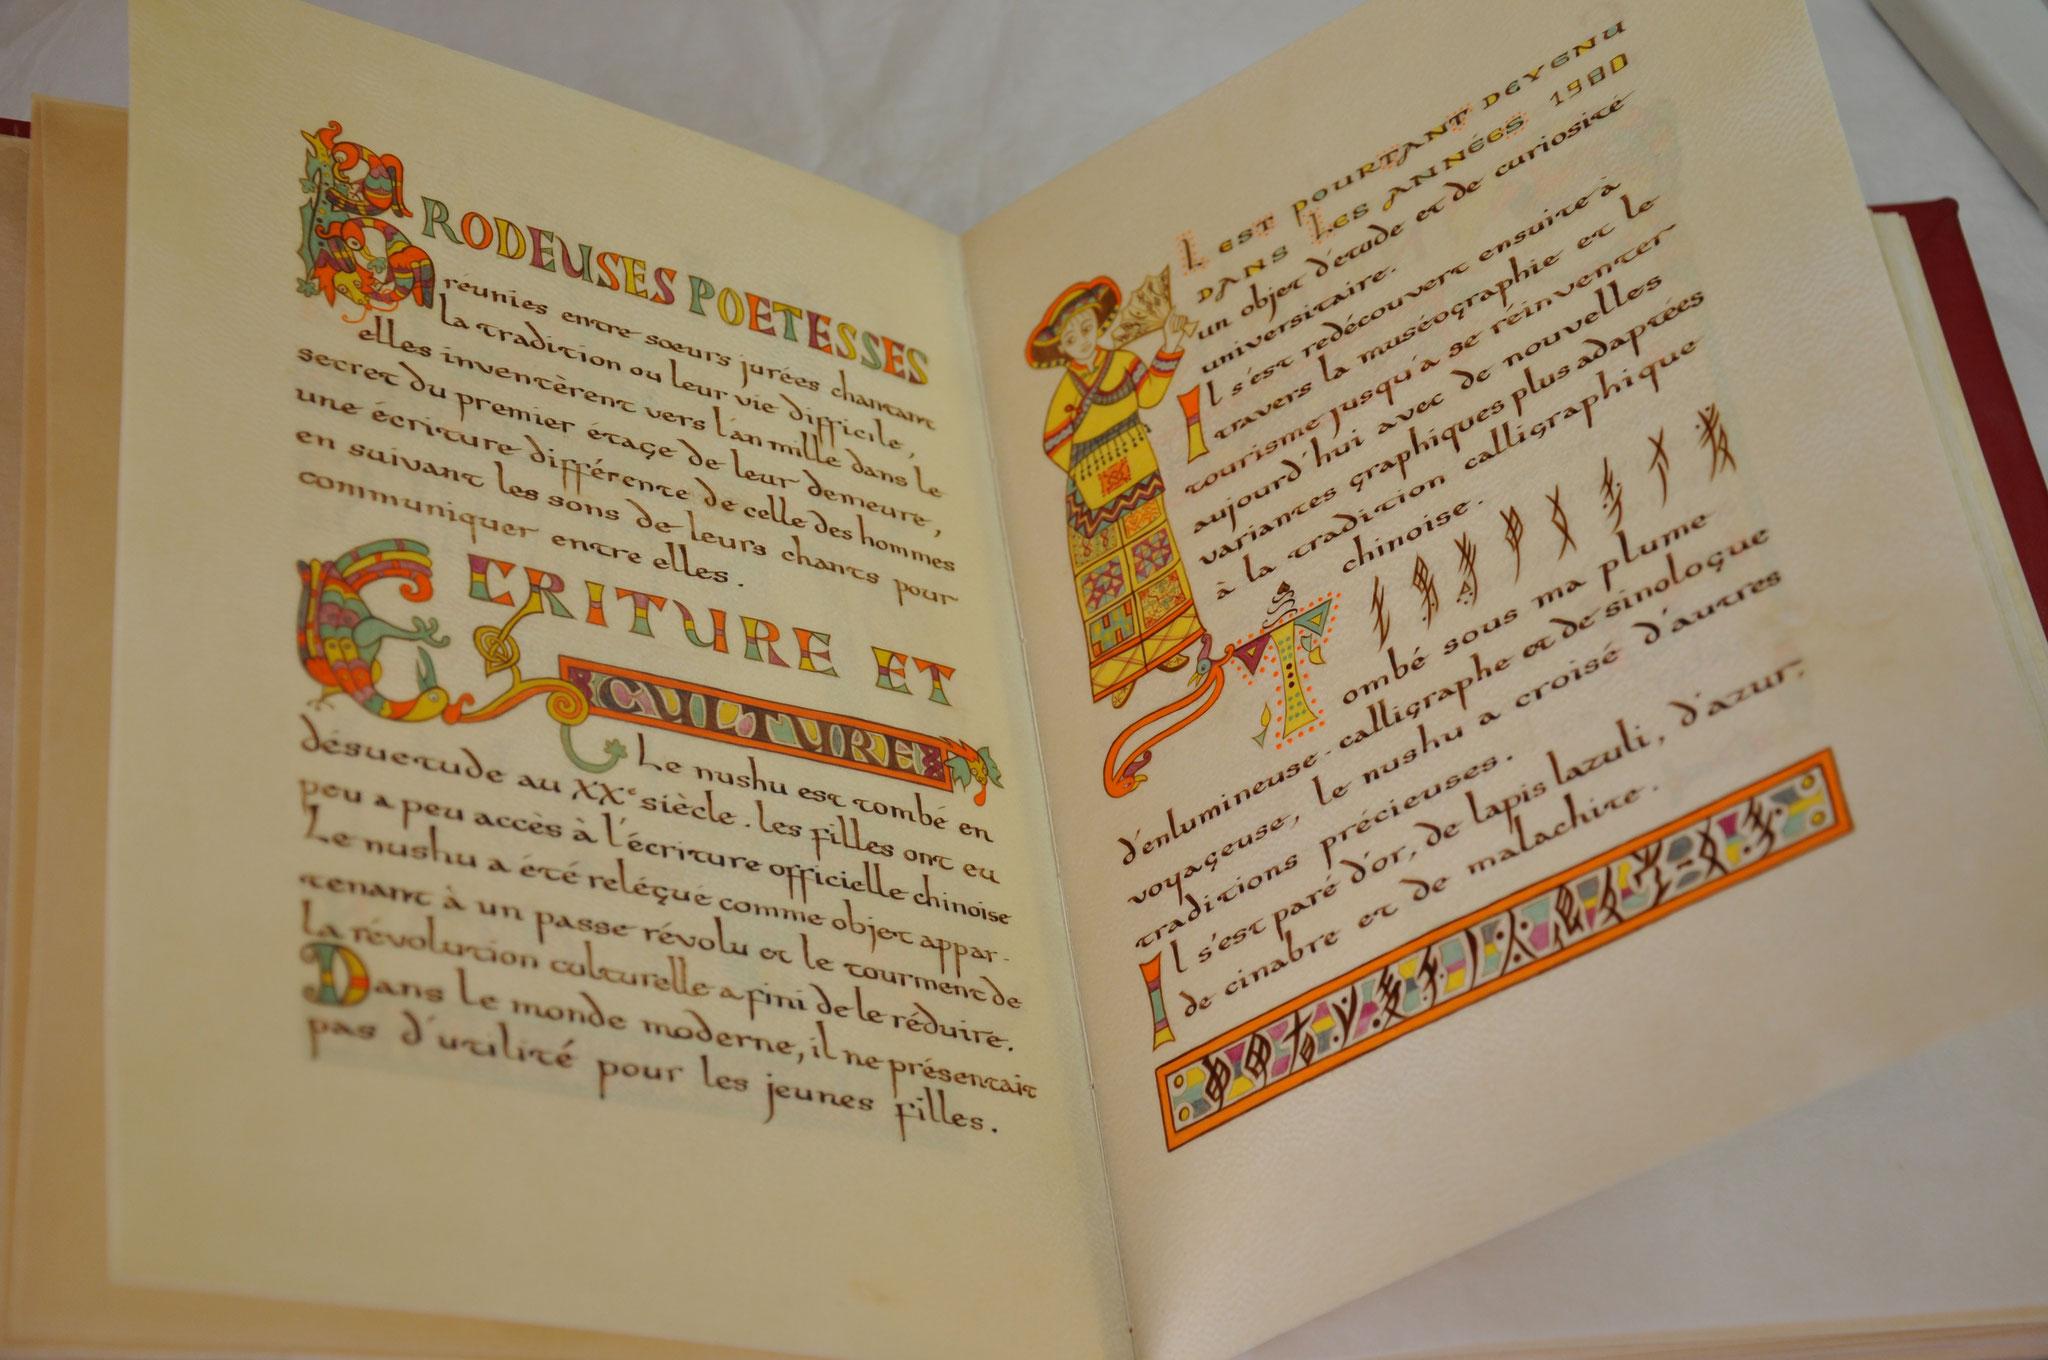 Brodeuses et poétesses... Ecriture et culture...